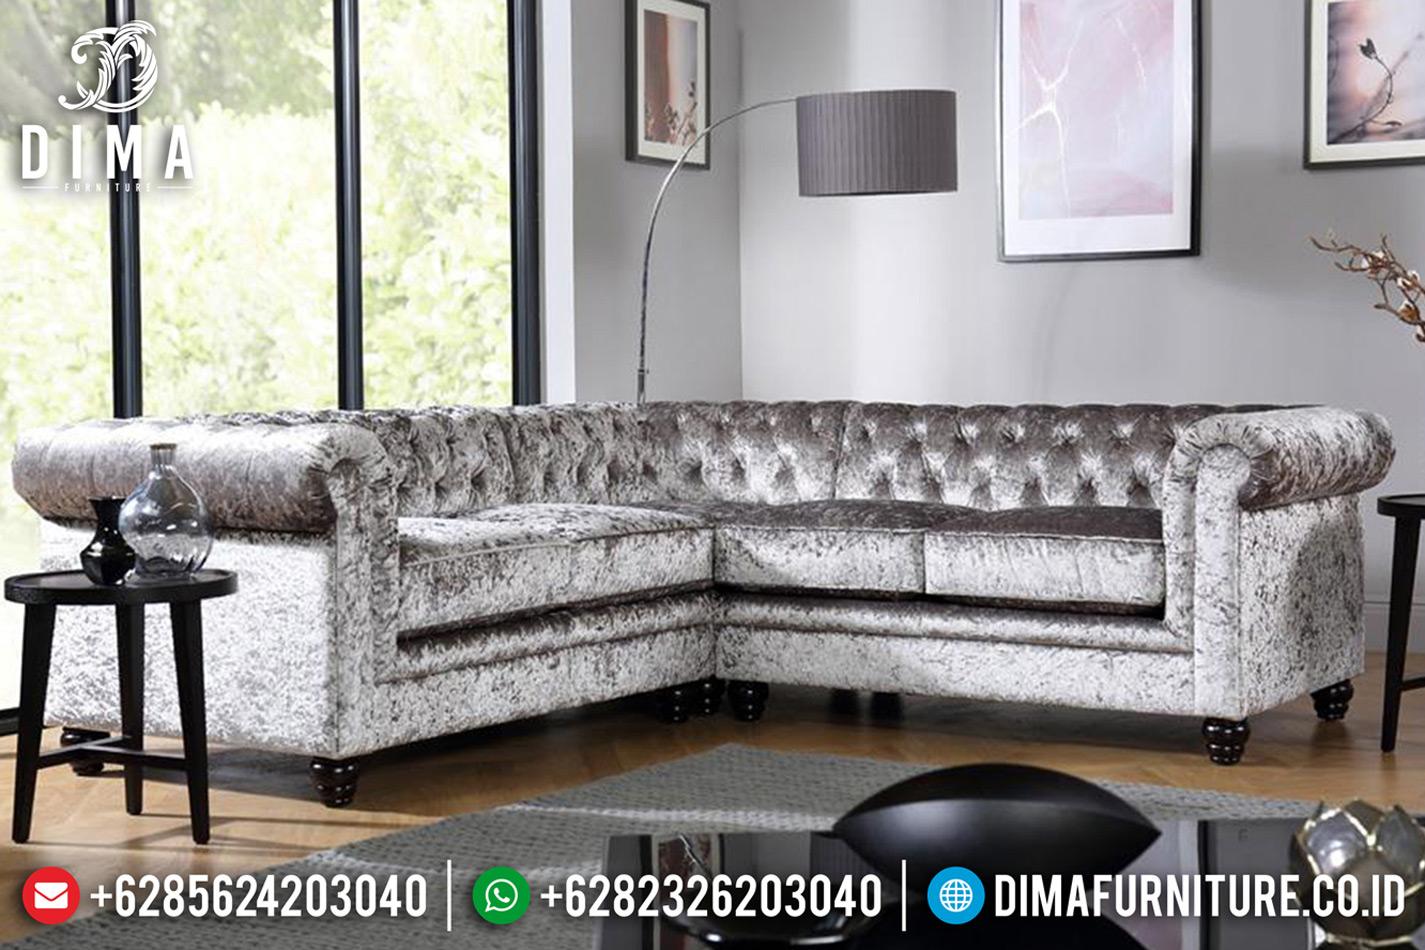 New Model Set Sofa Tamu Modern Skandinavian Jati Natural Harga Terjangkau BT-0620